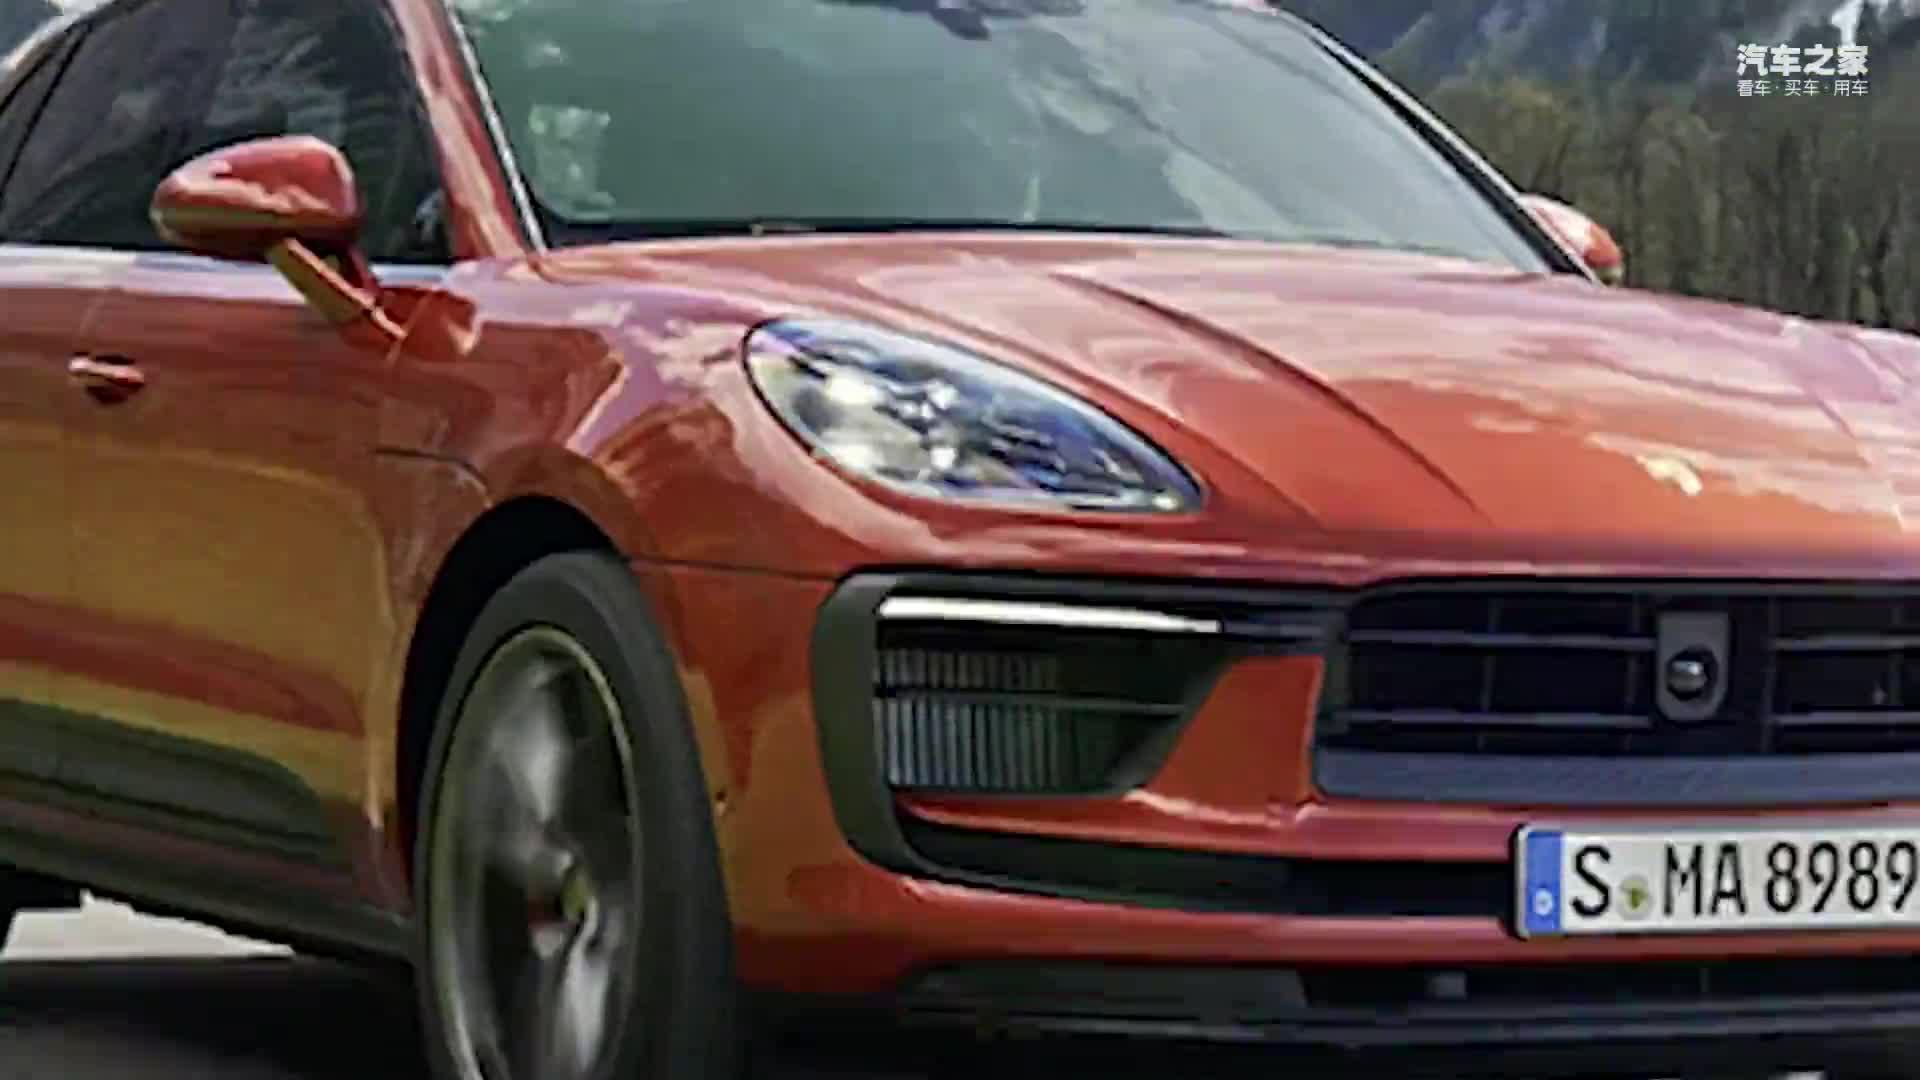 视频:保时捷新款Macan接受预定 8月27日亮相 动力更强